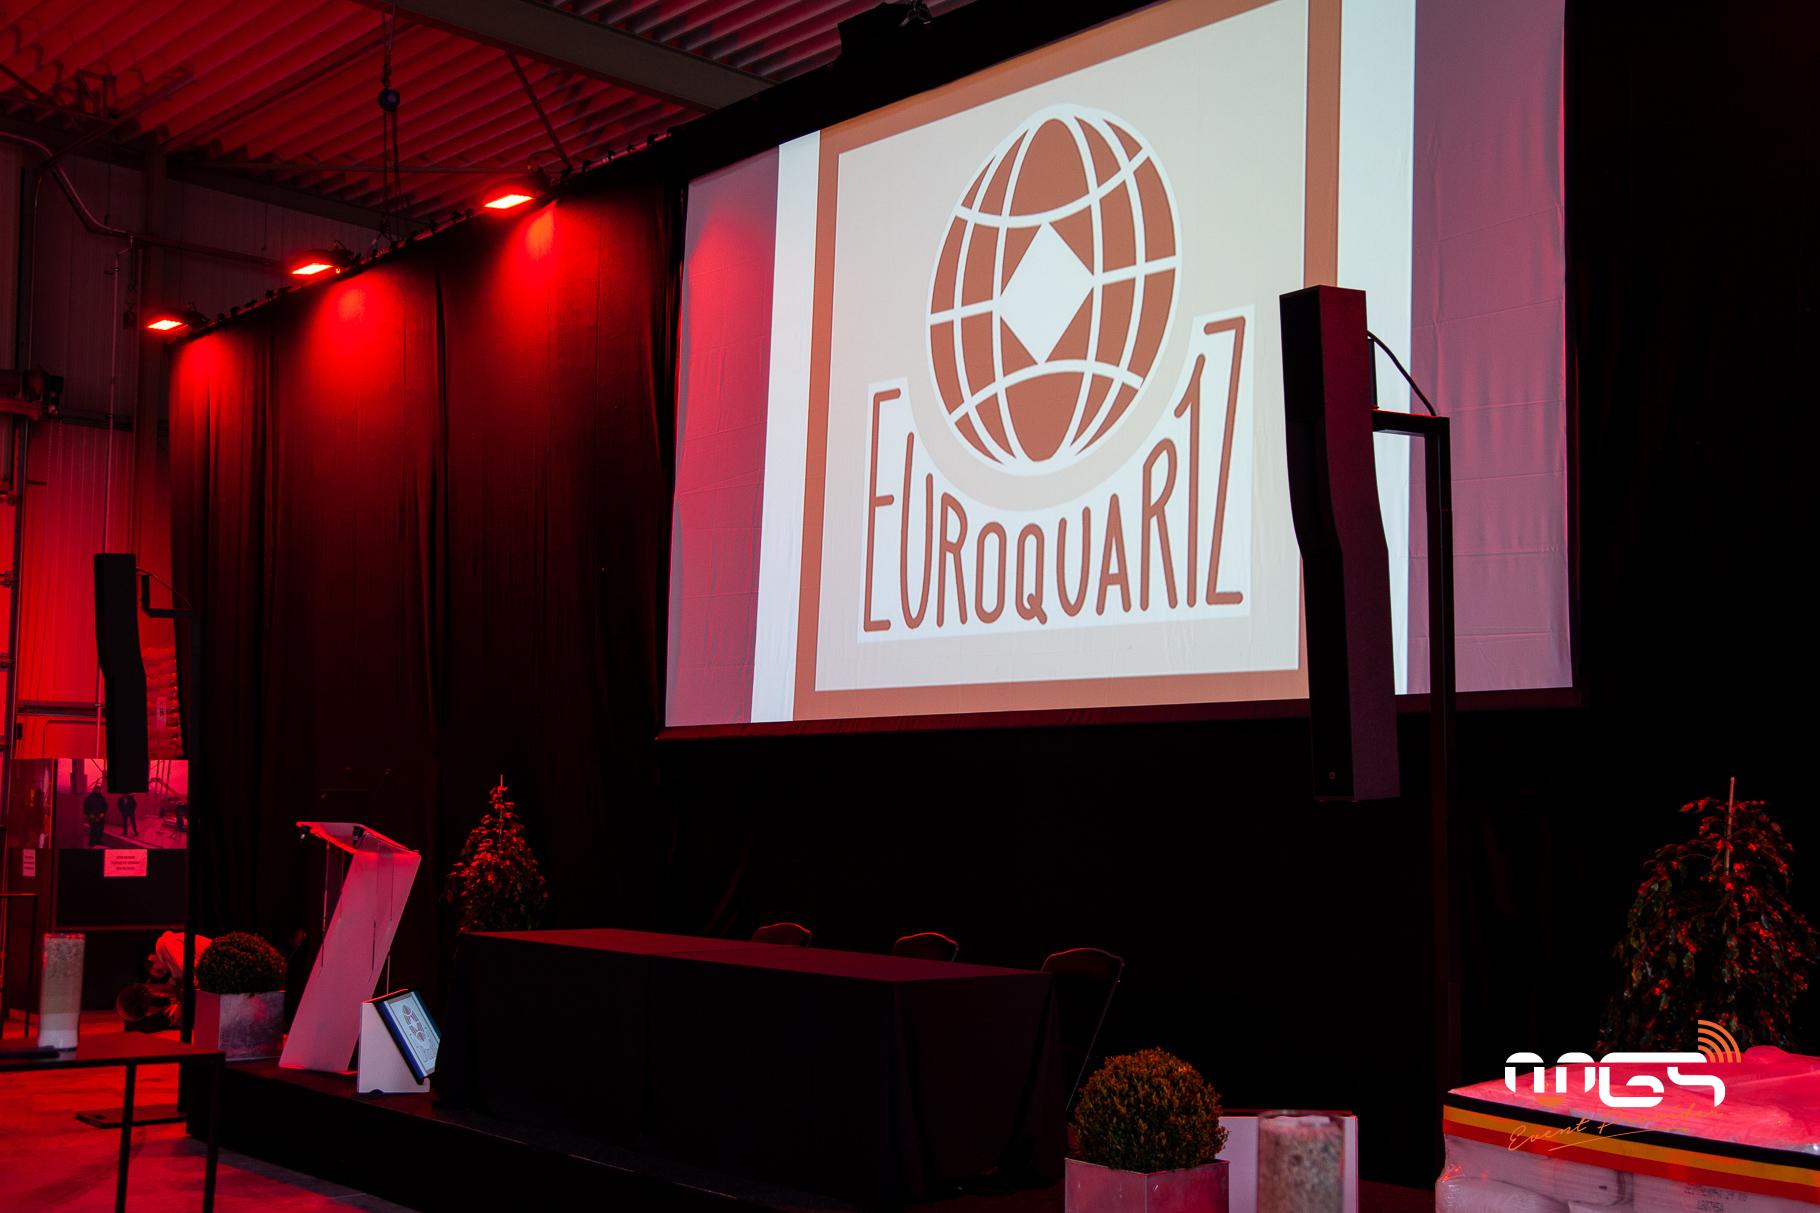 Installation son et lumière MGS pour Euroquartz